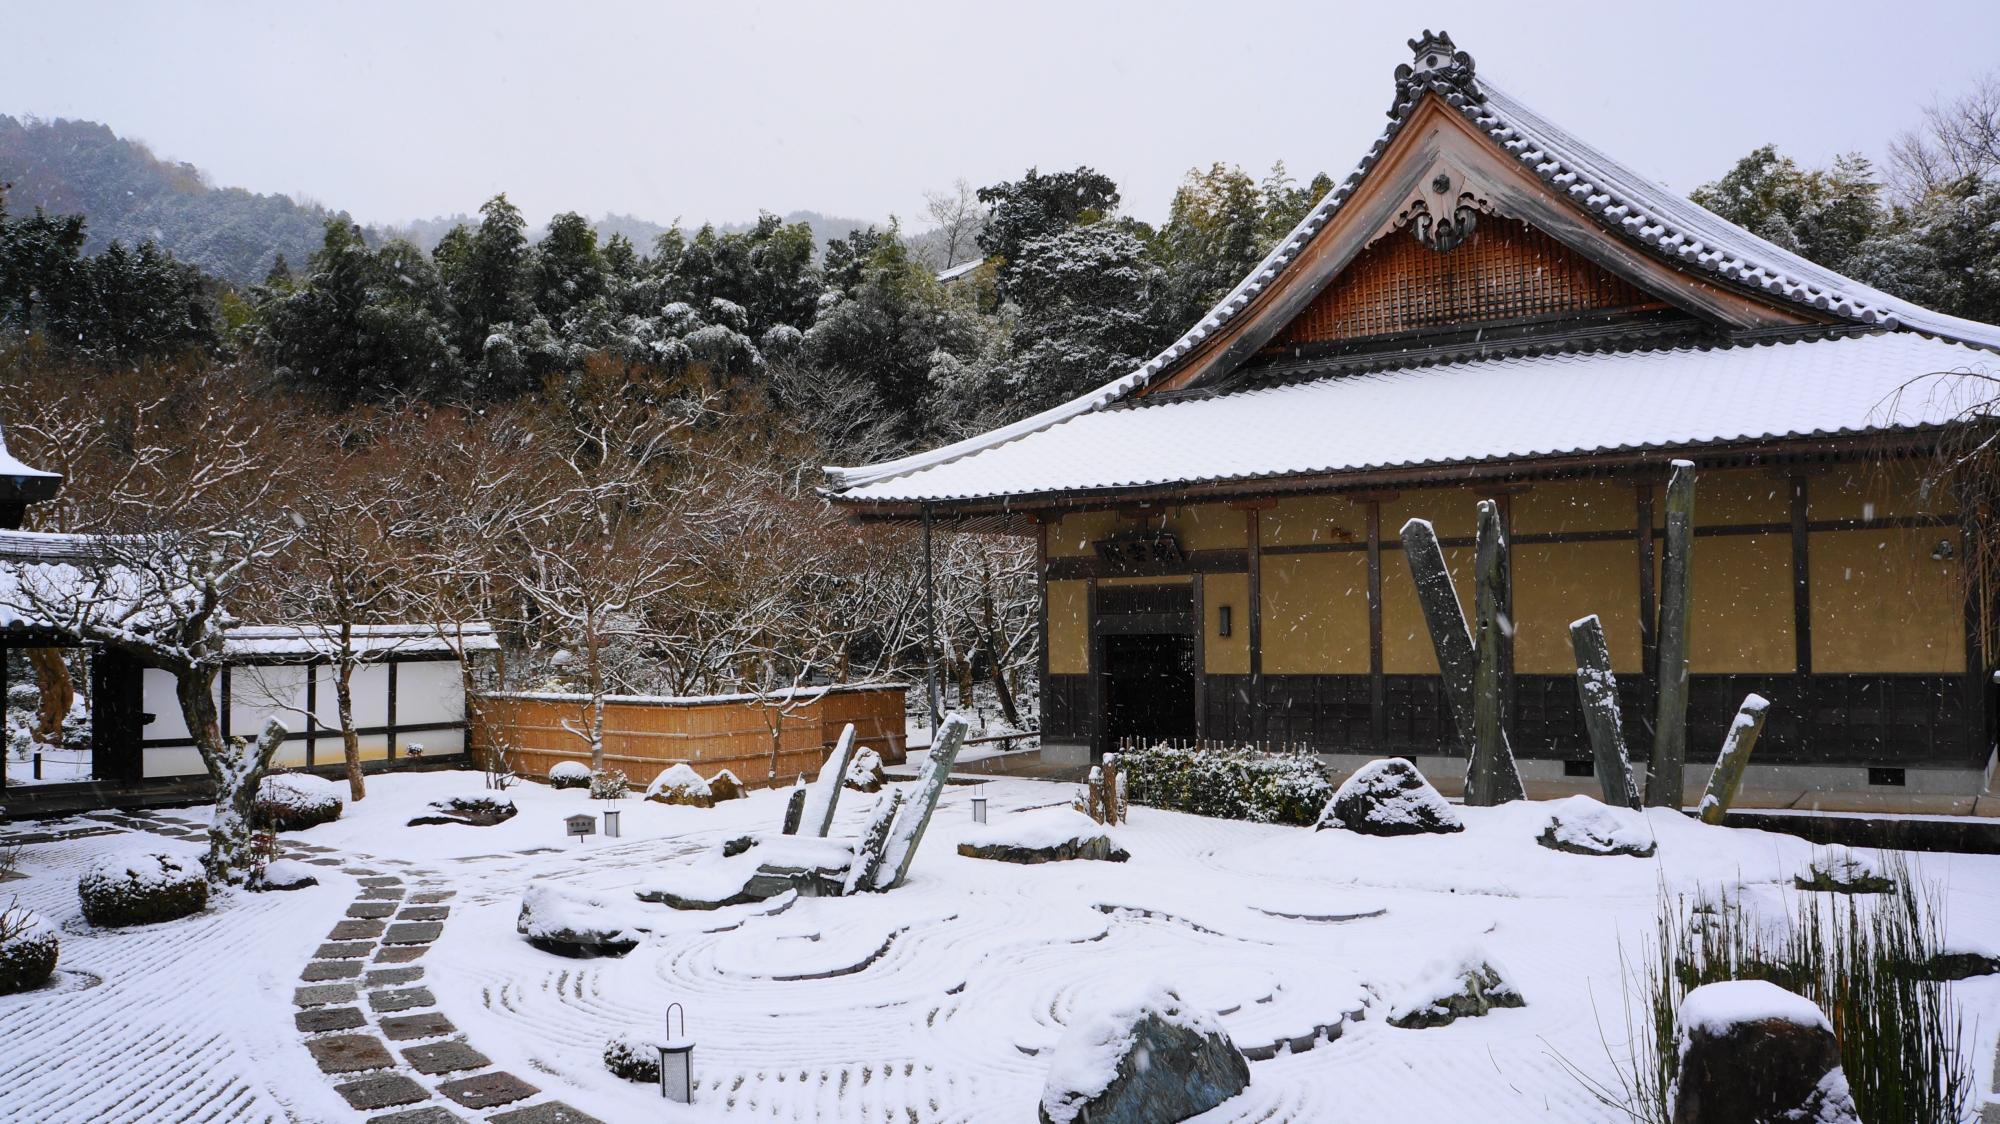 圓光寺の白くそまった雪の奔龍庭と瑞雲閣